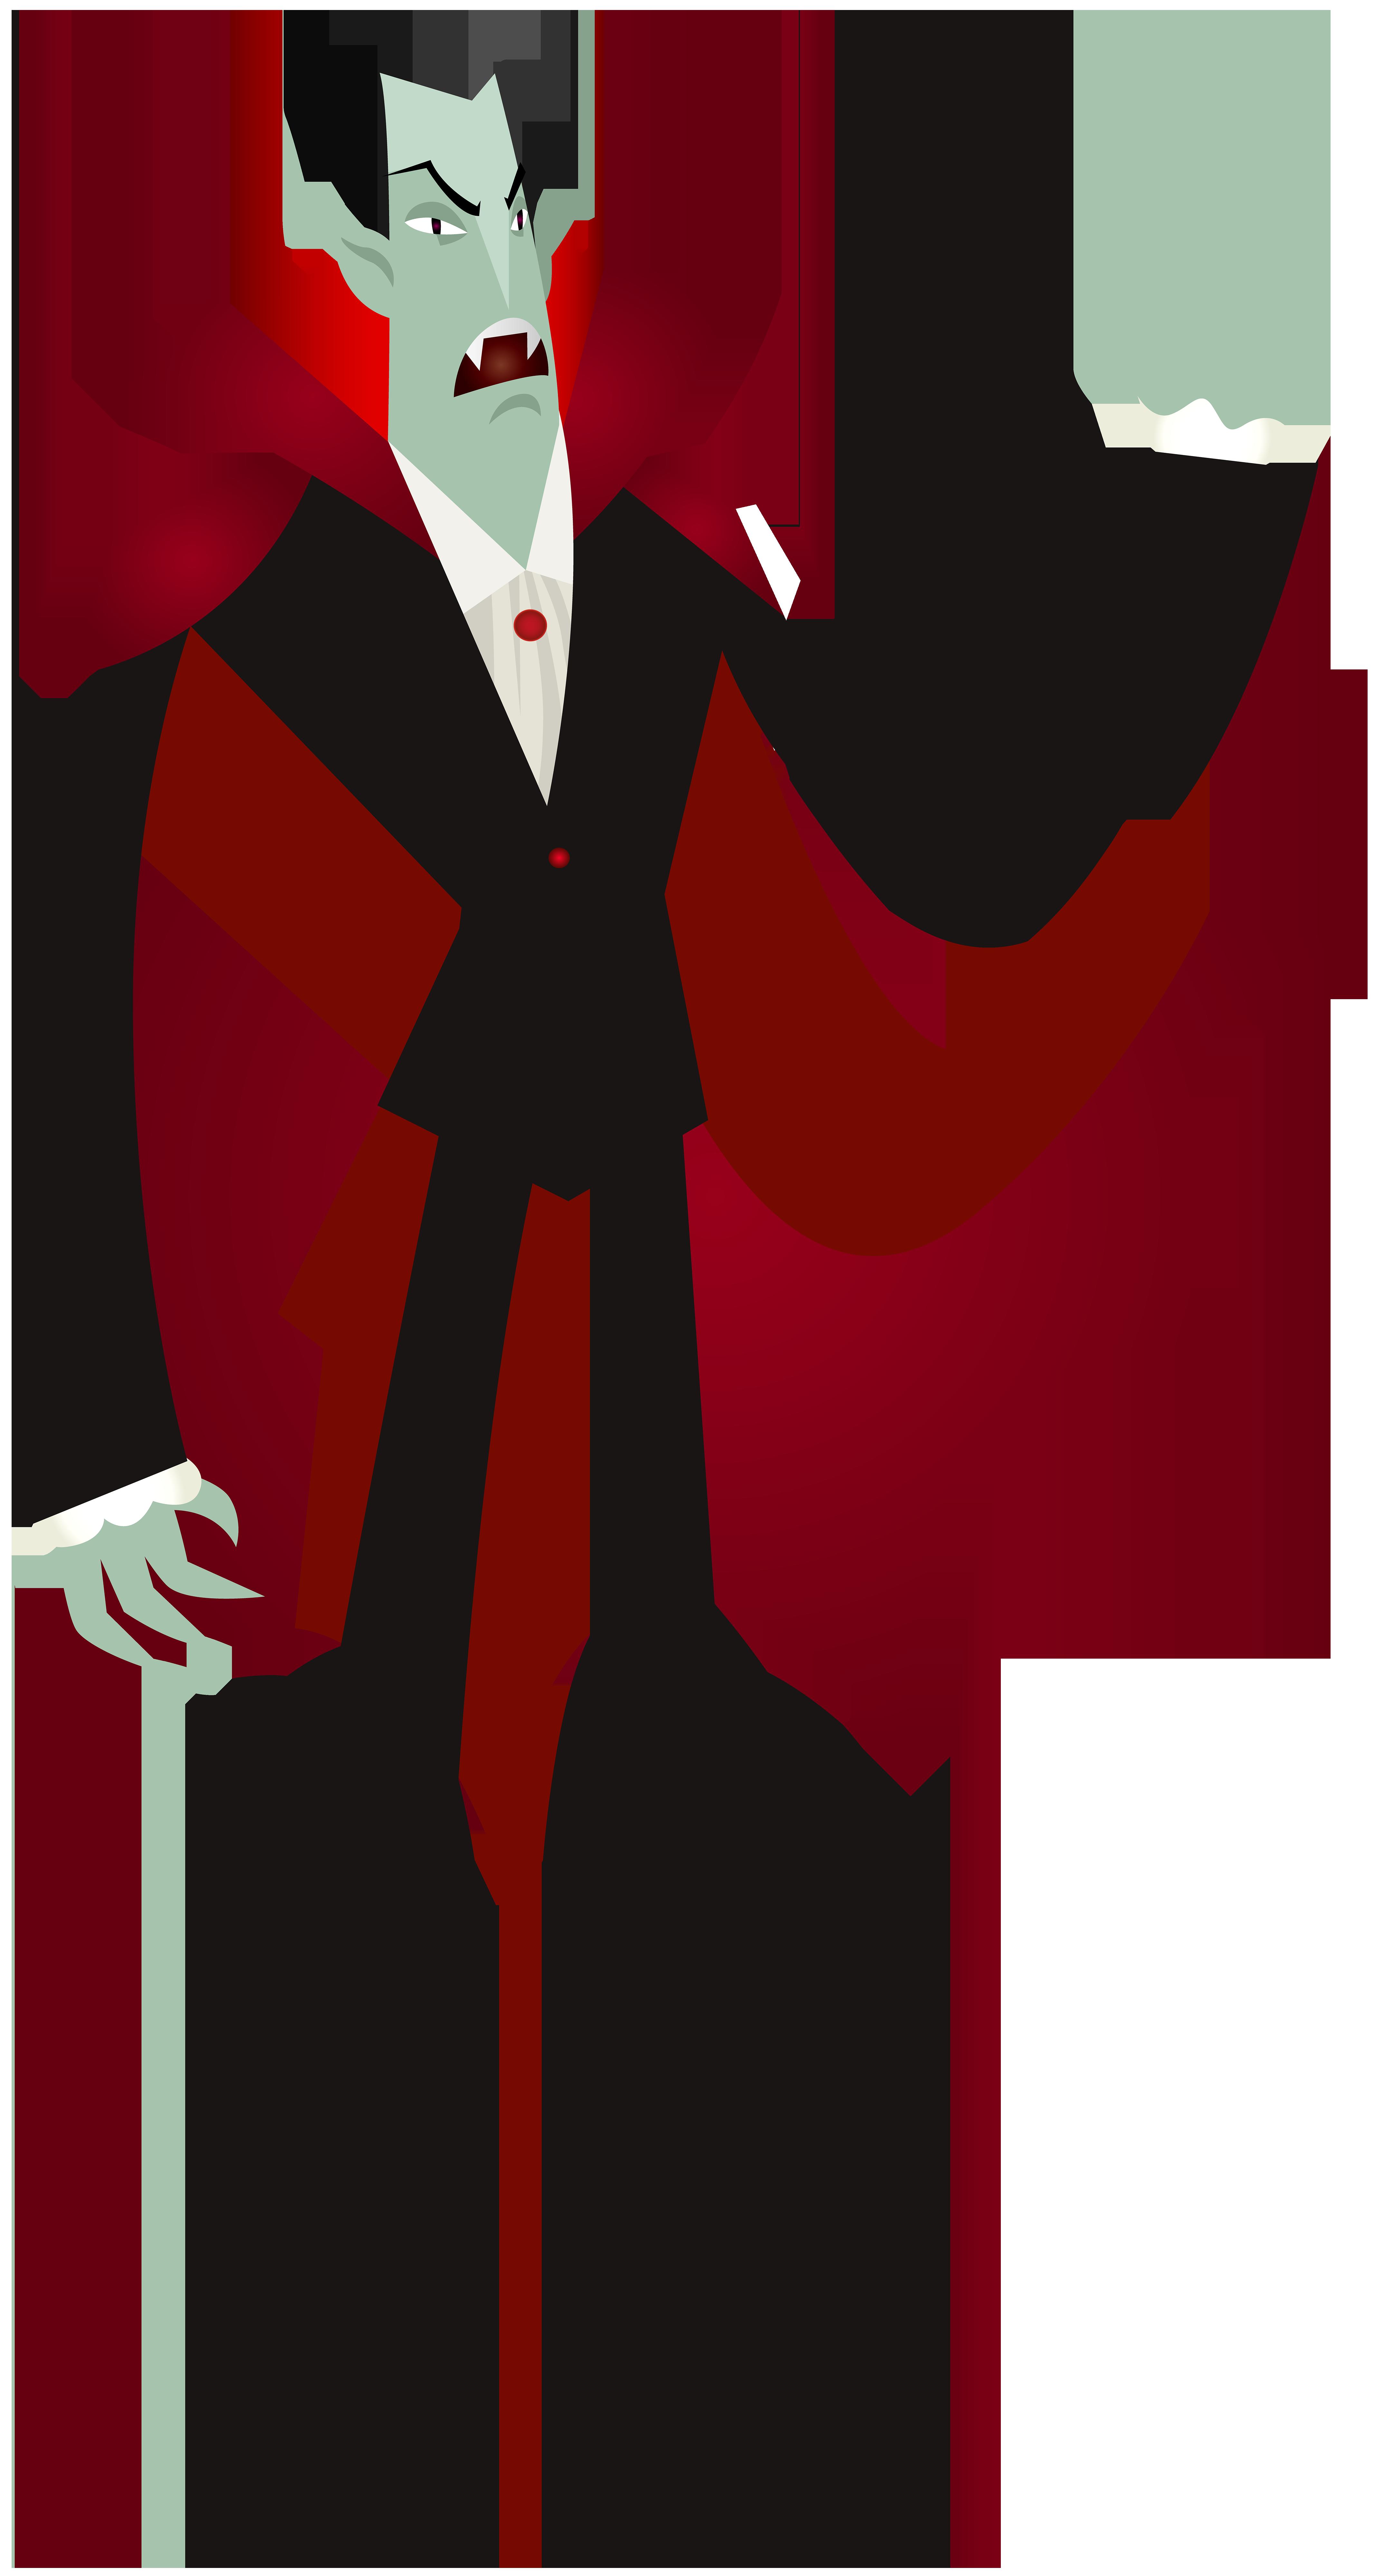 Vampire png clip art. Dracula clipart transparent